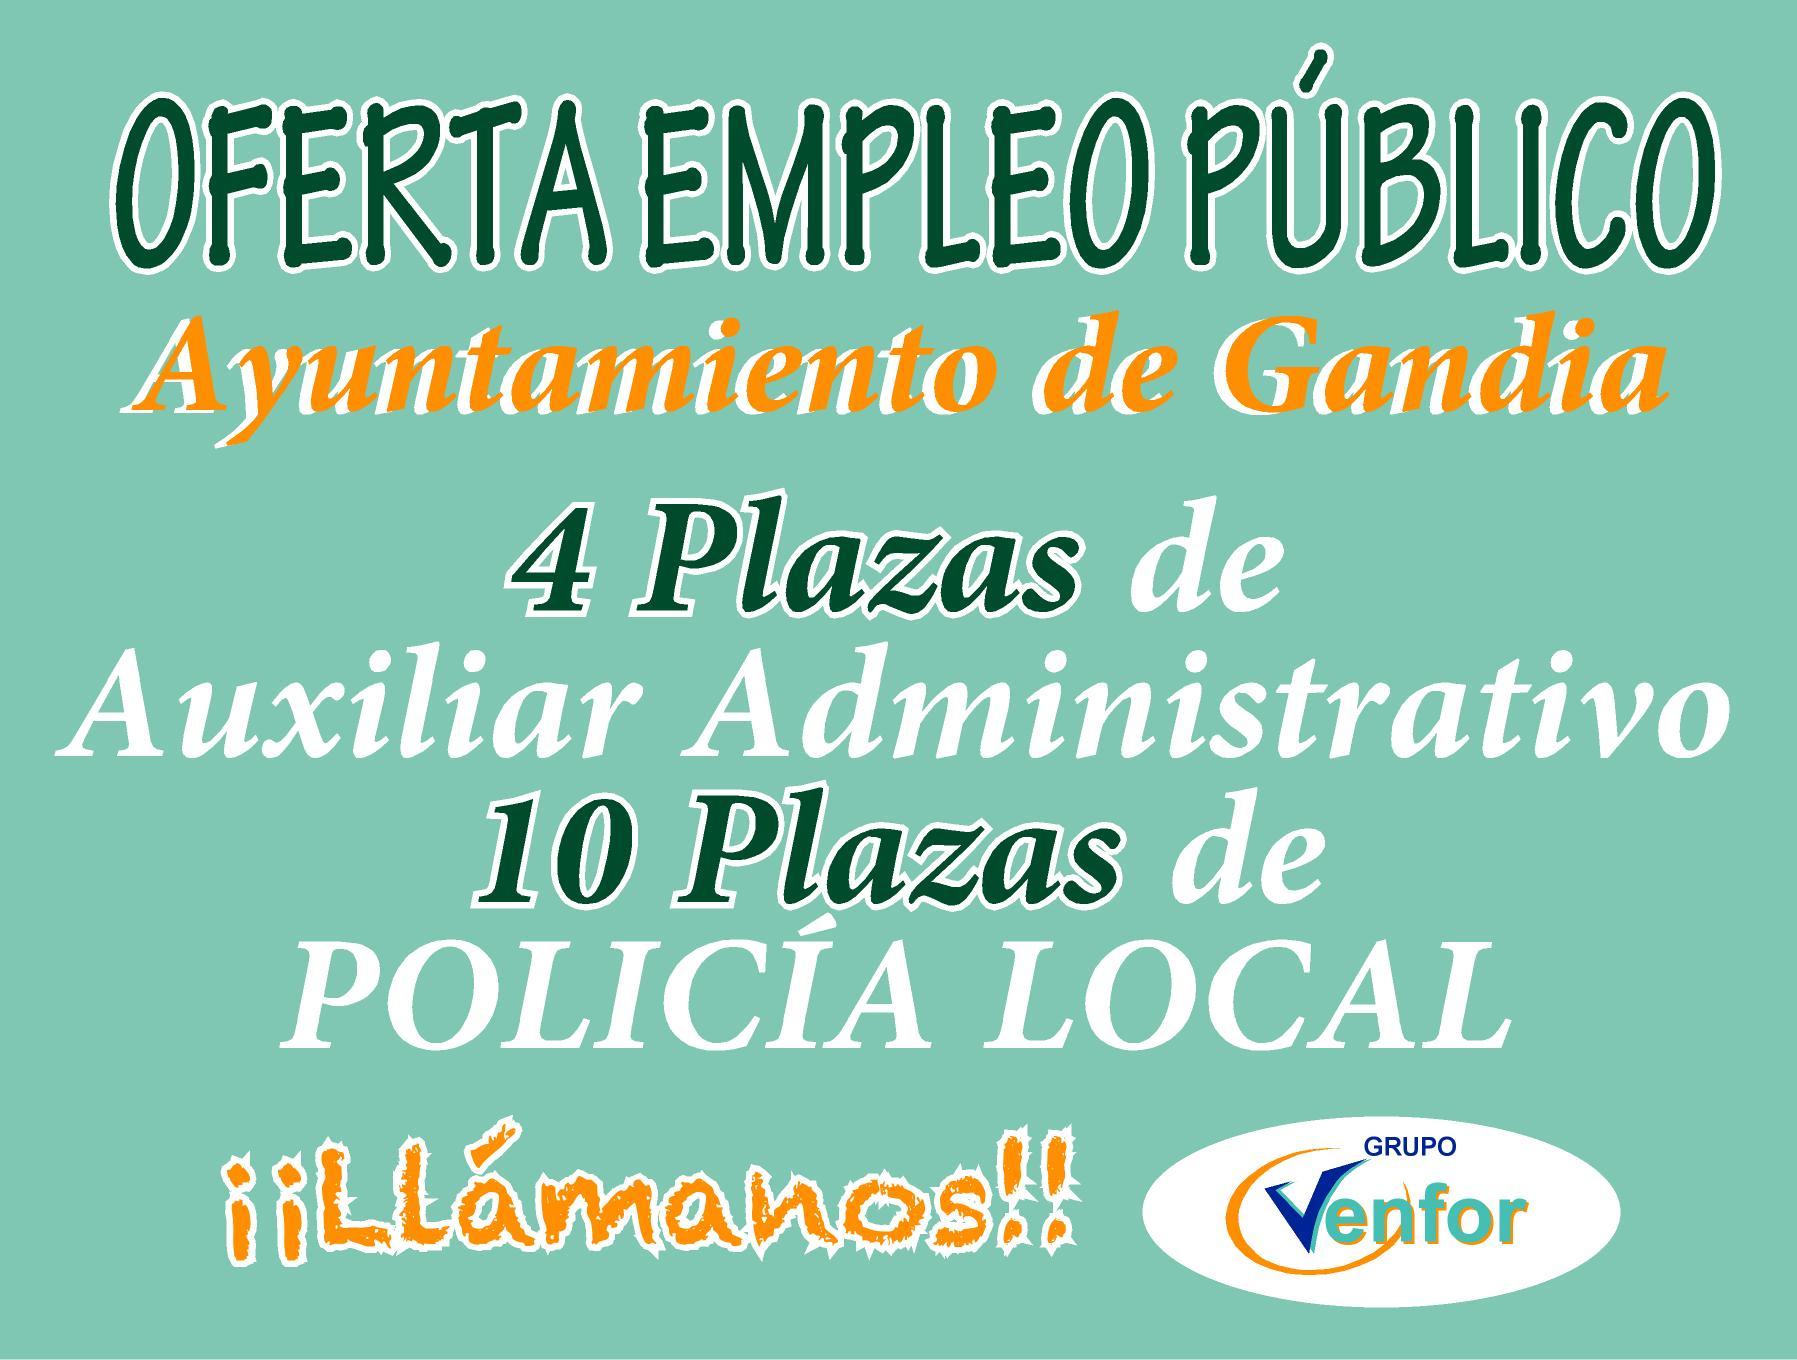 Oferta ayuntamiento de Gandia